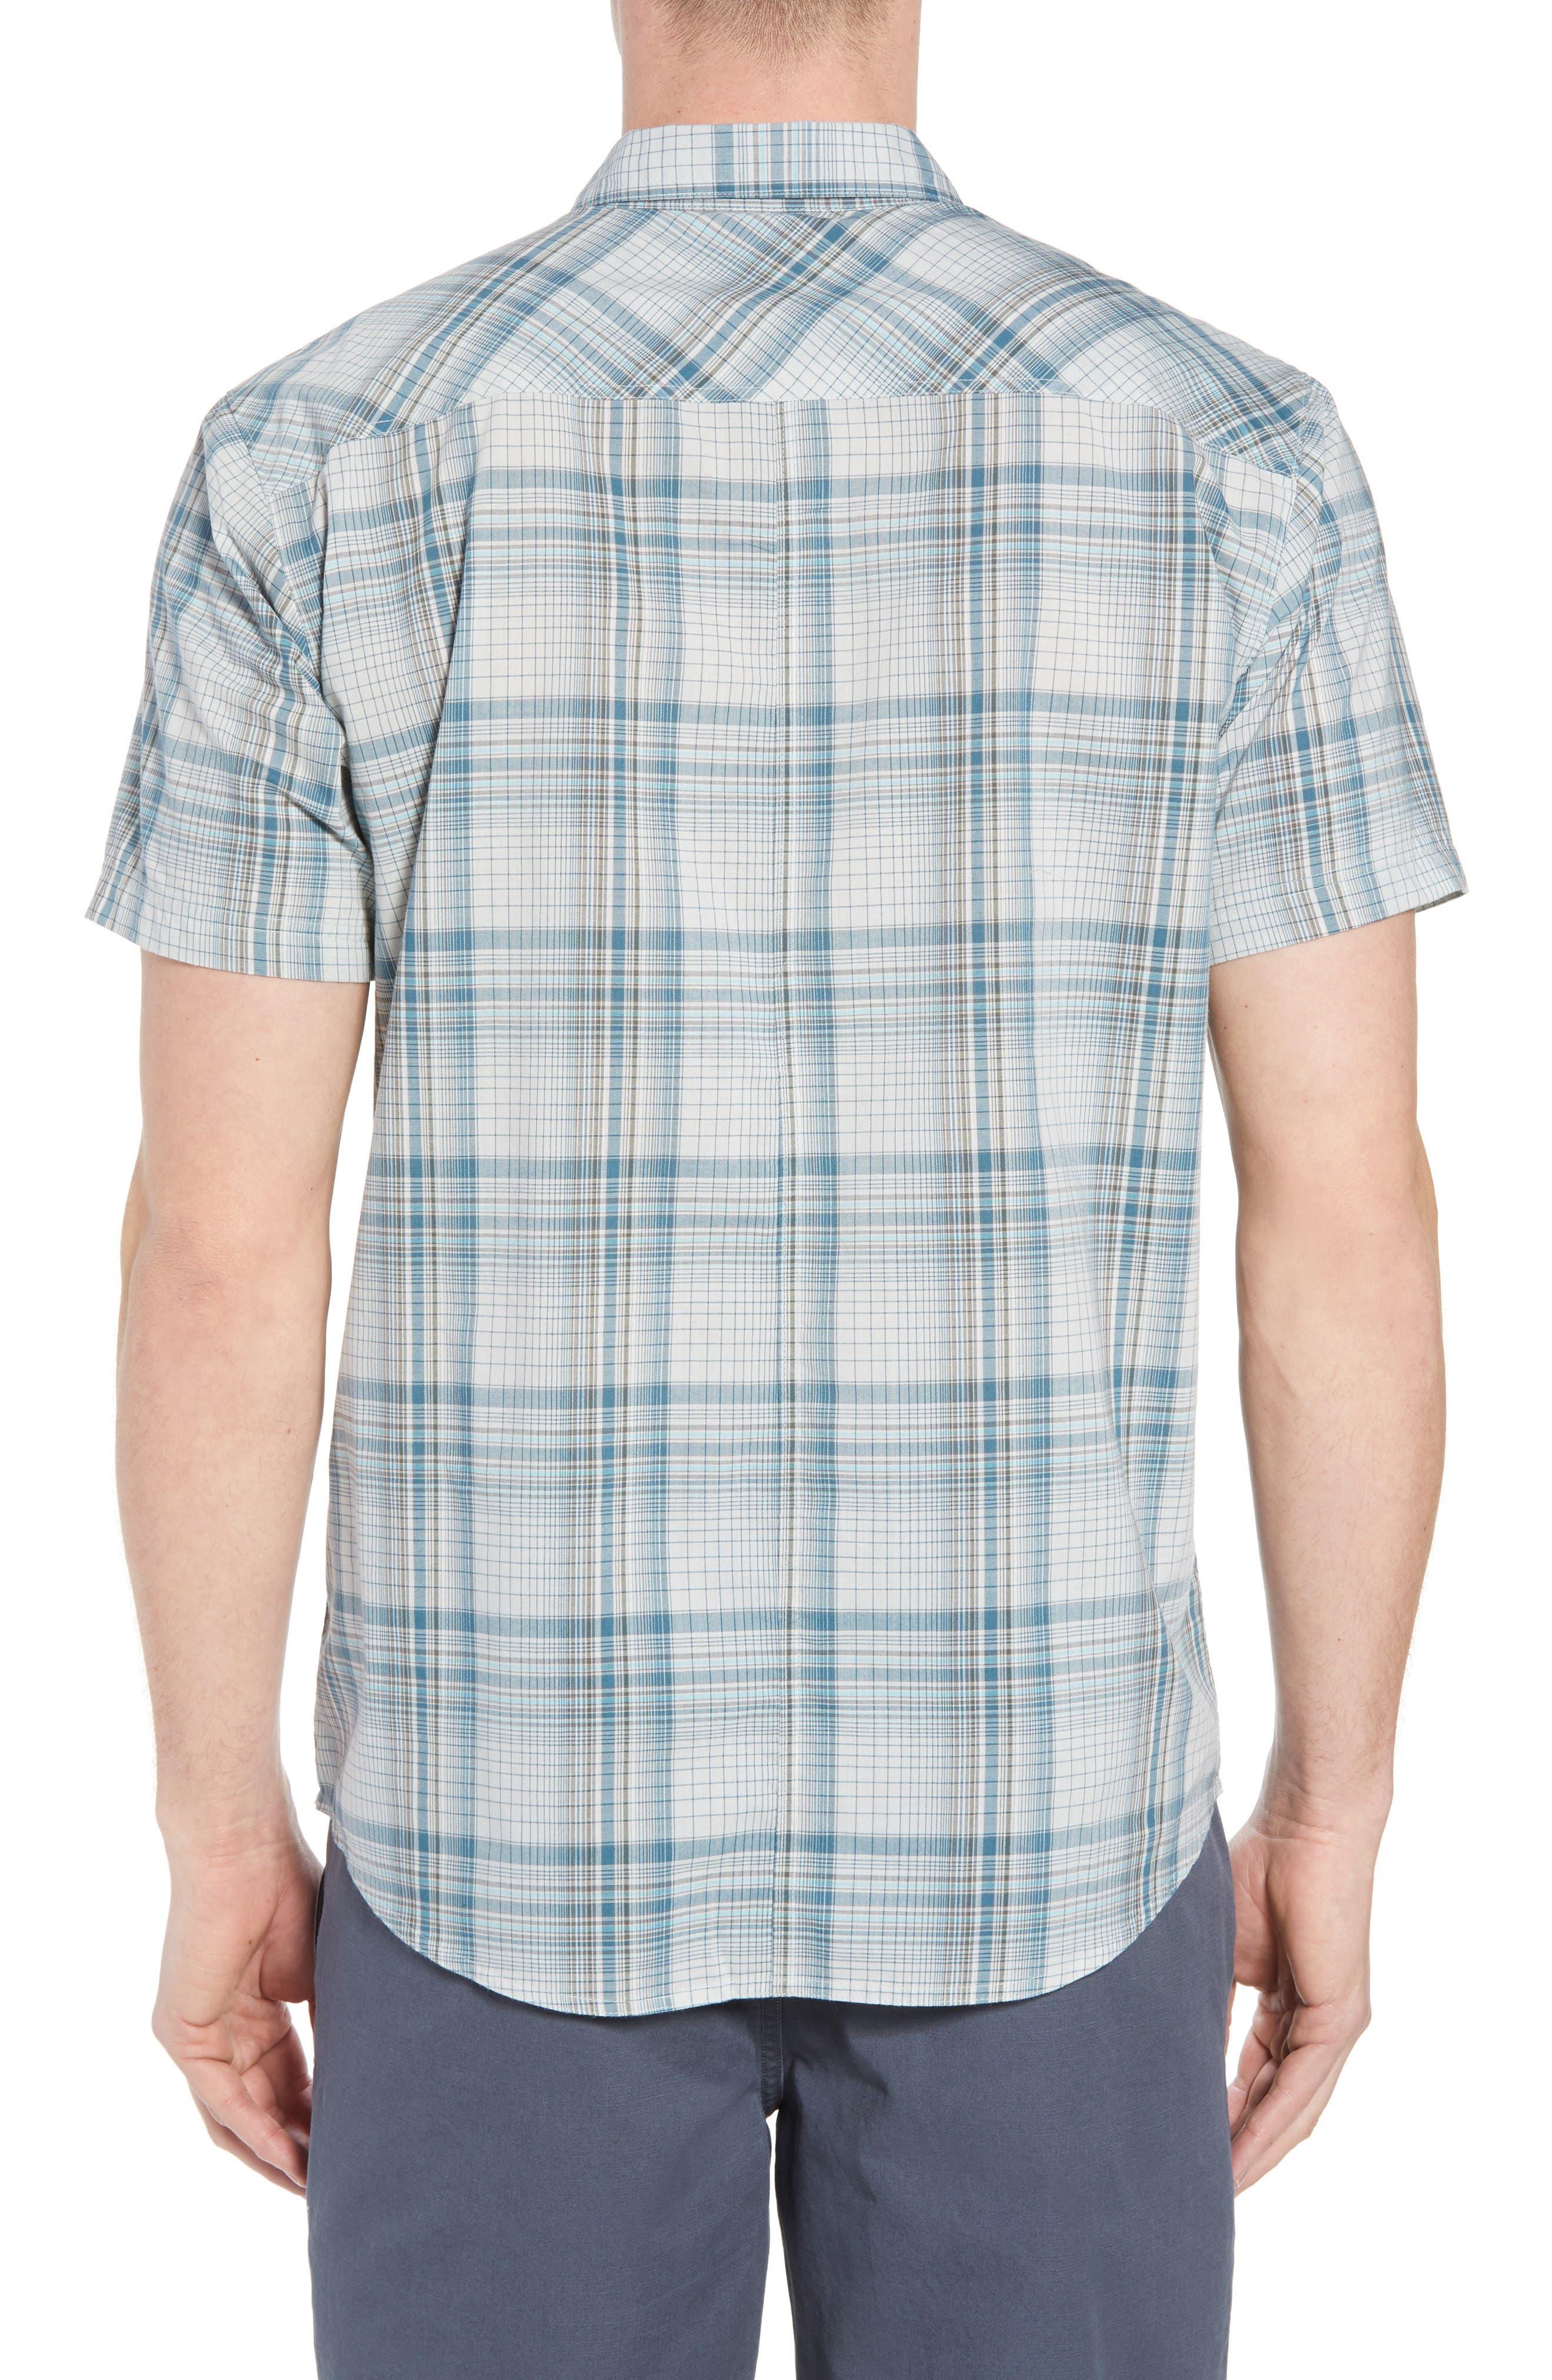 Sturghill Woven Shirt,                             Alternate thumbnail 2, color,                             036